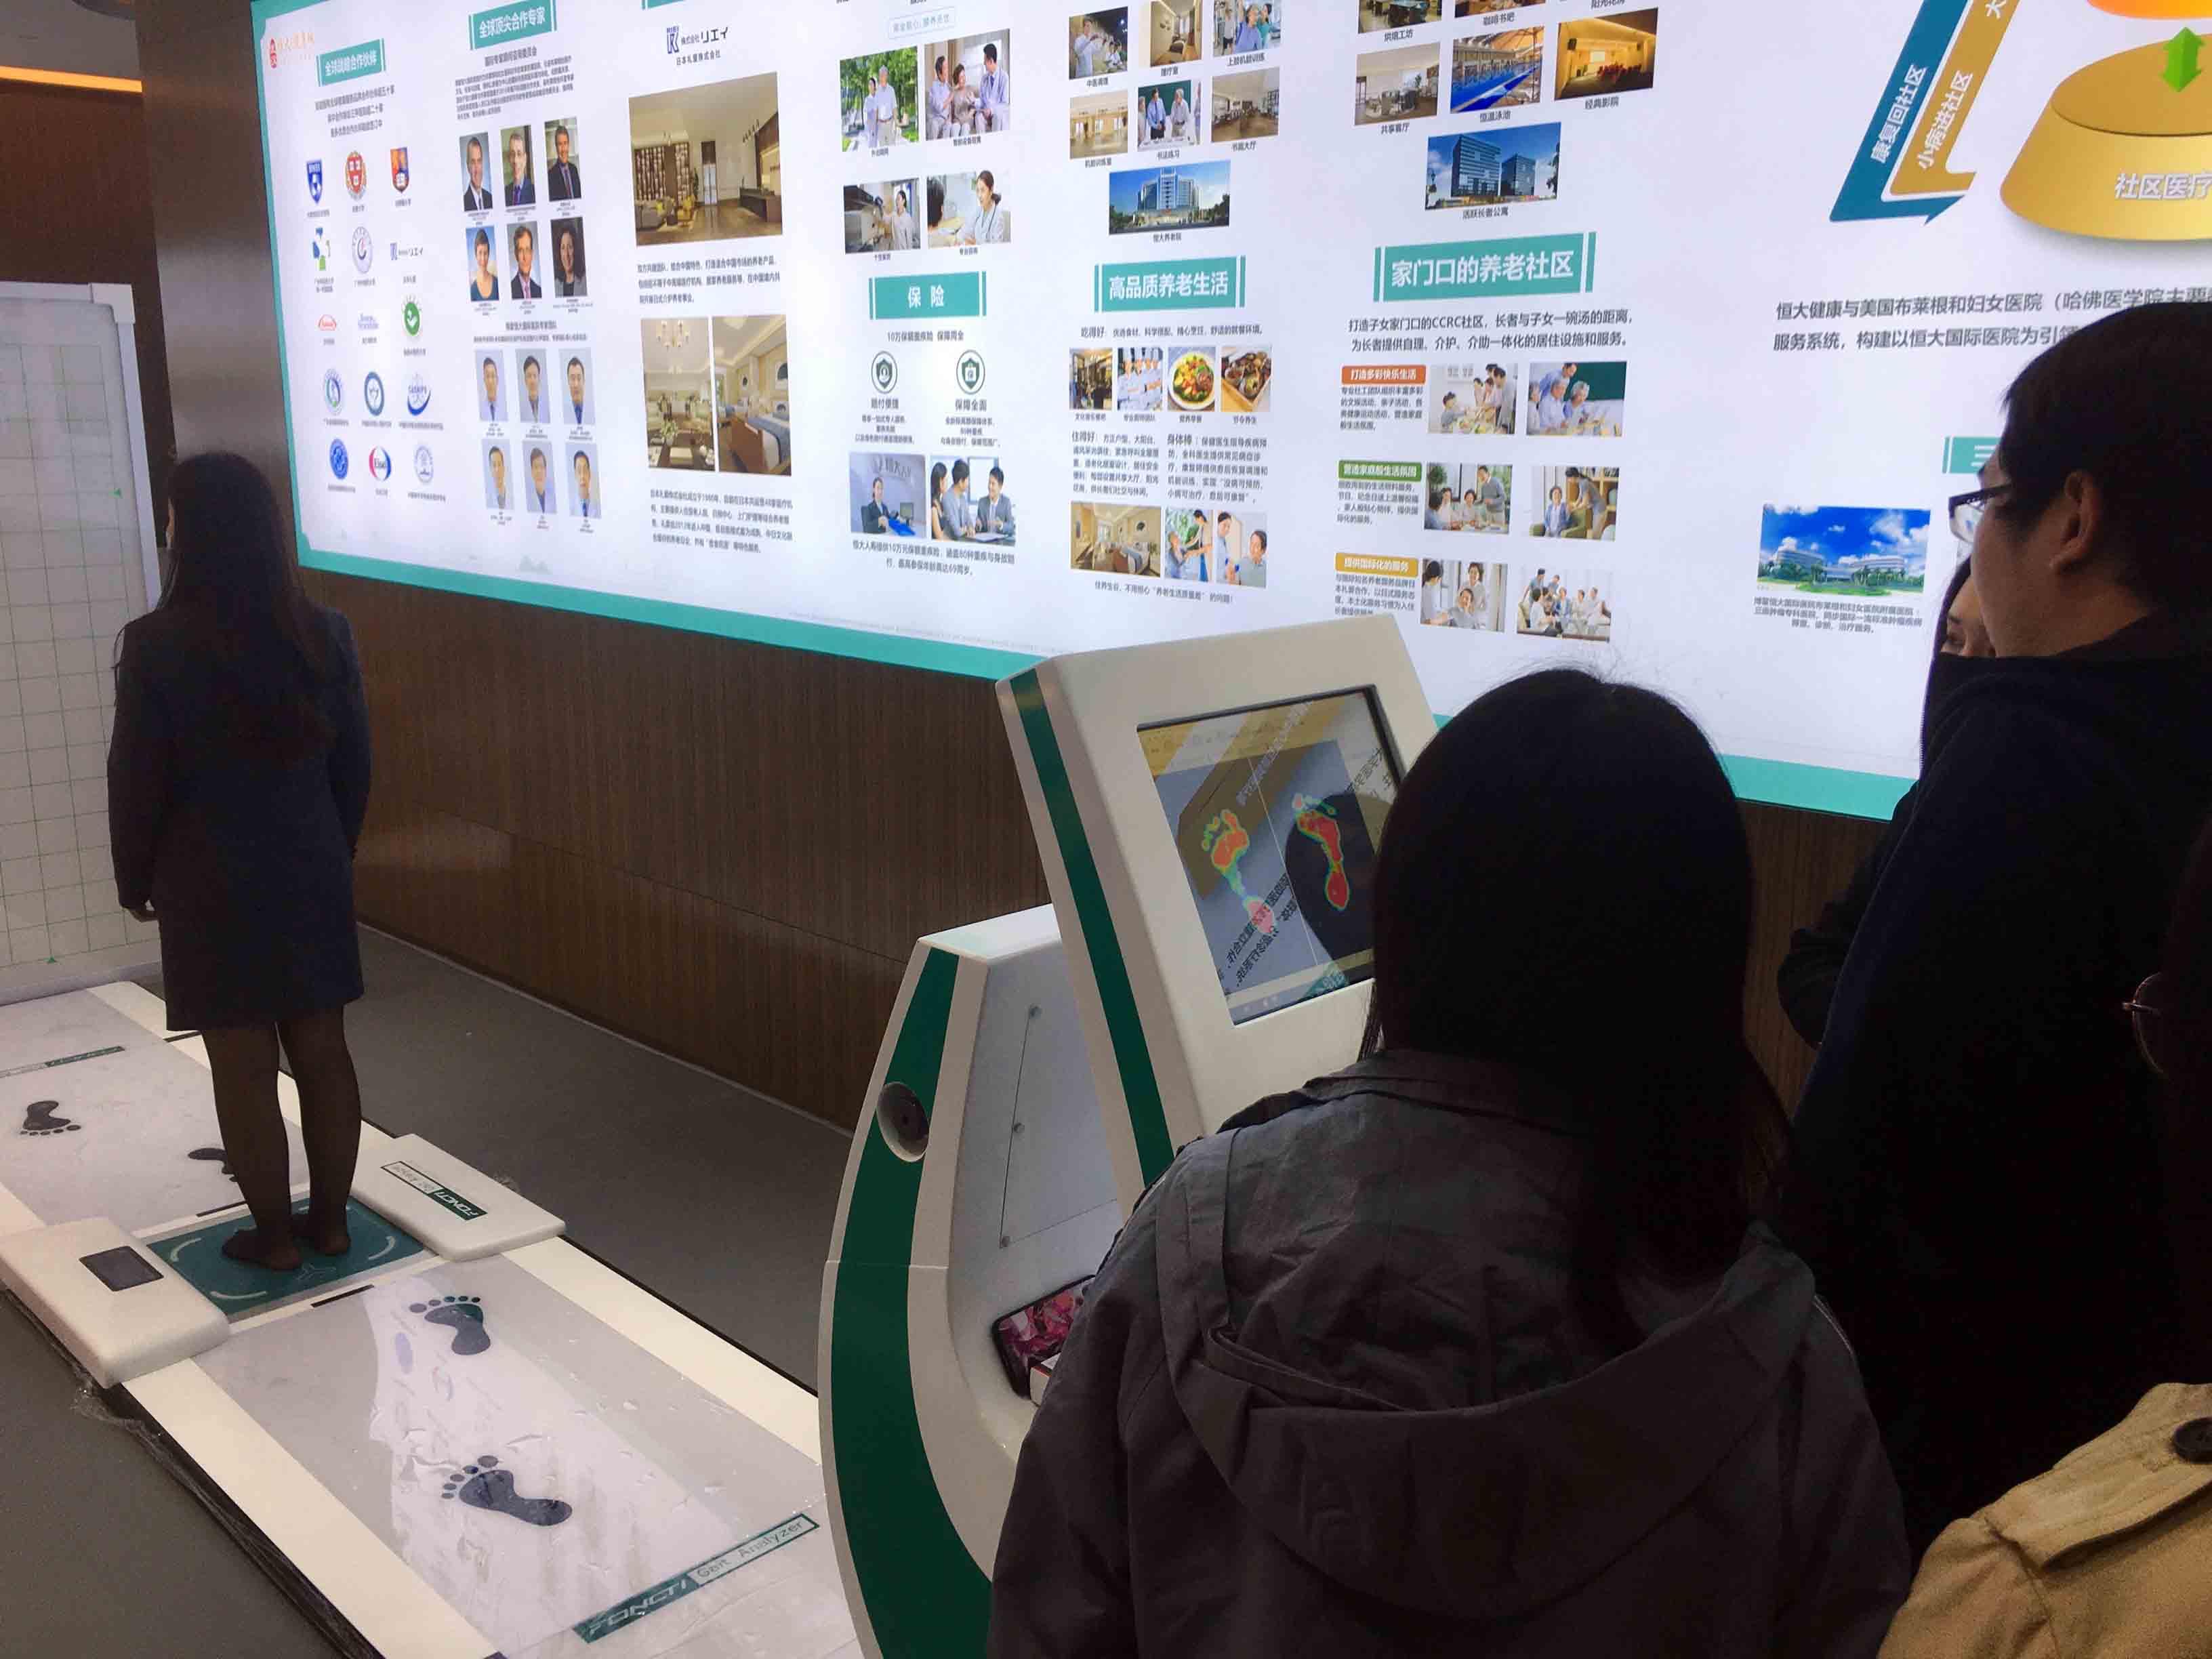 鸿泰盛步态分析及姿态分析系统进驻黄冈健康管理中心